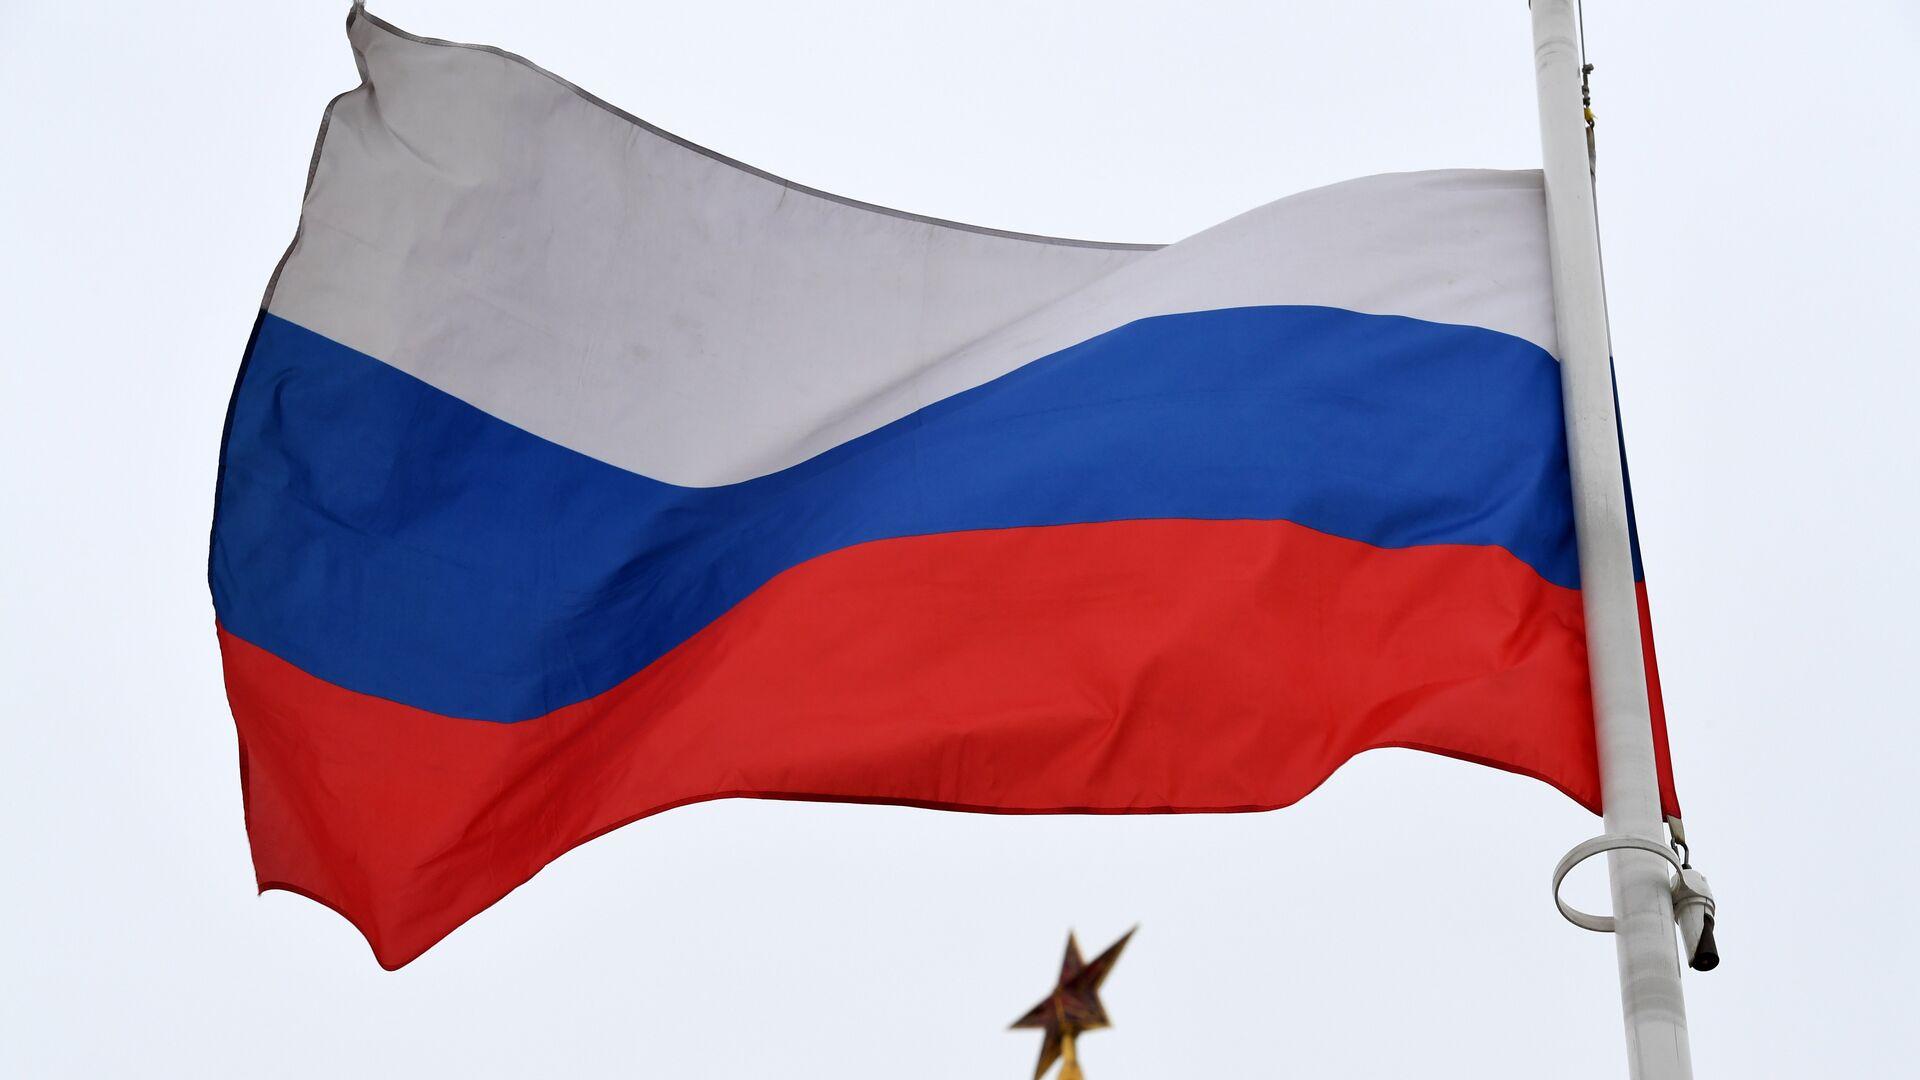 Η ρωσική σημαία - Sputnik Ελλάδα, 1920, 22.09.2021